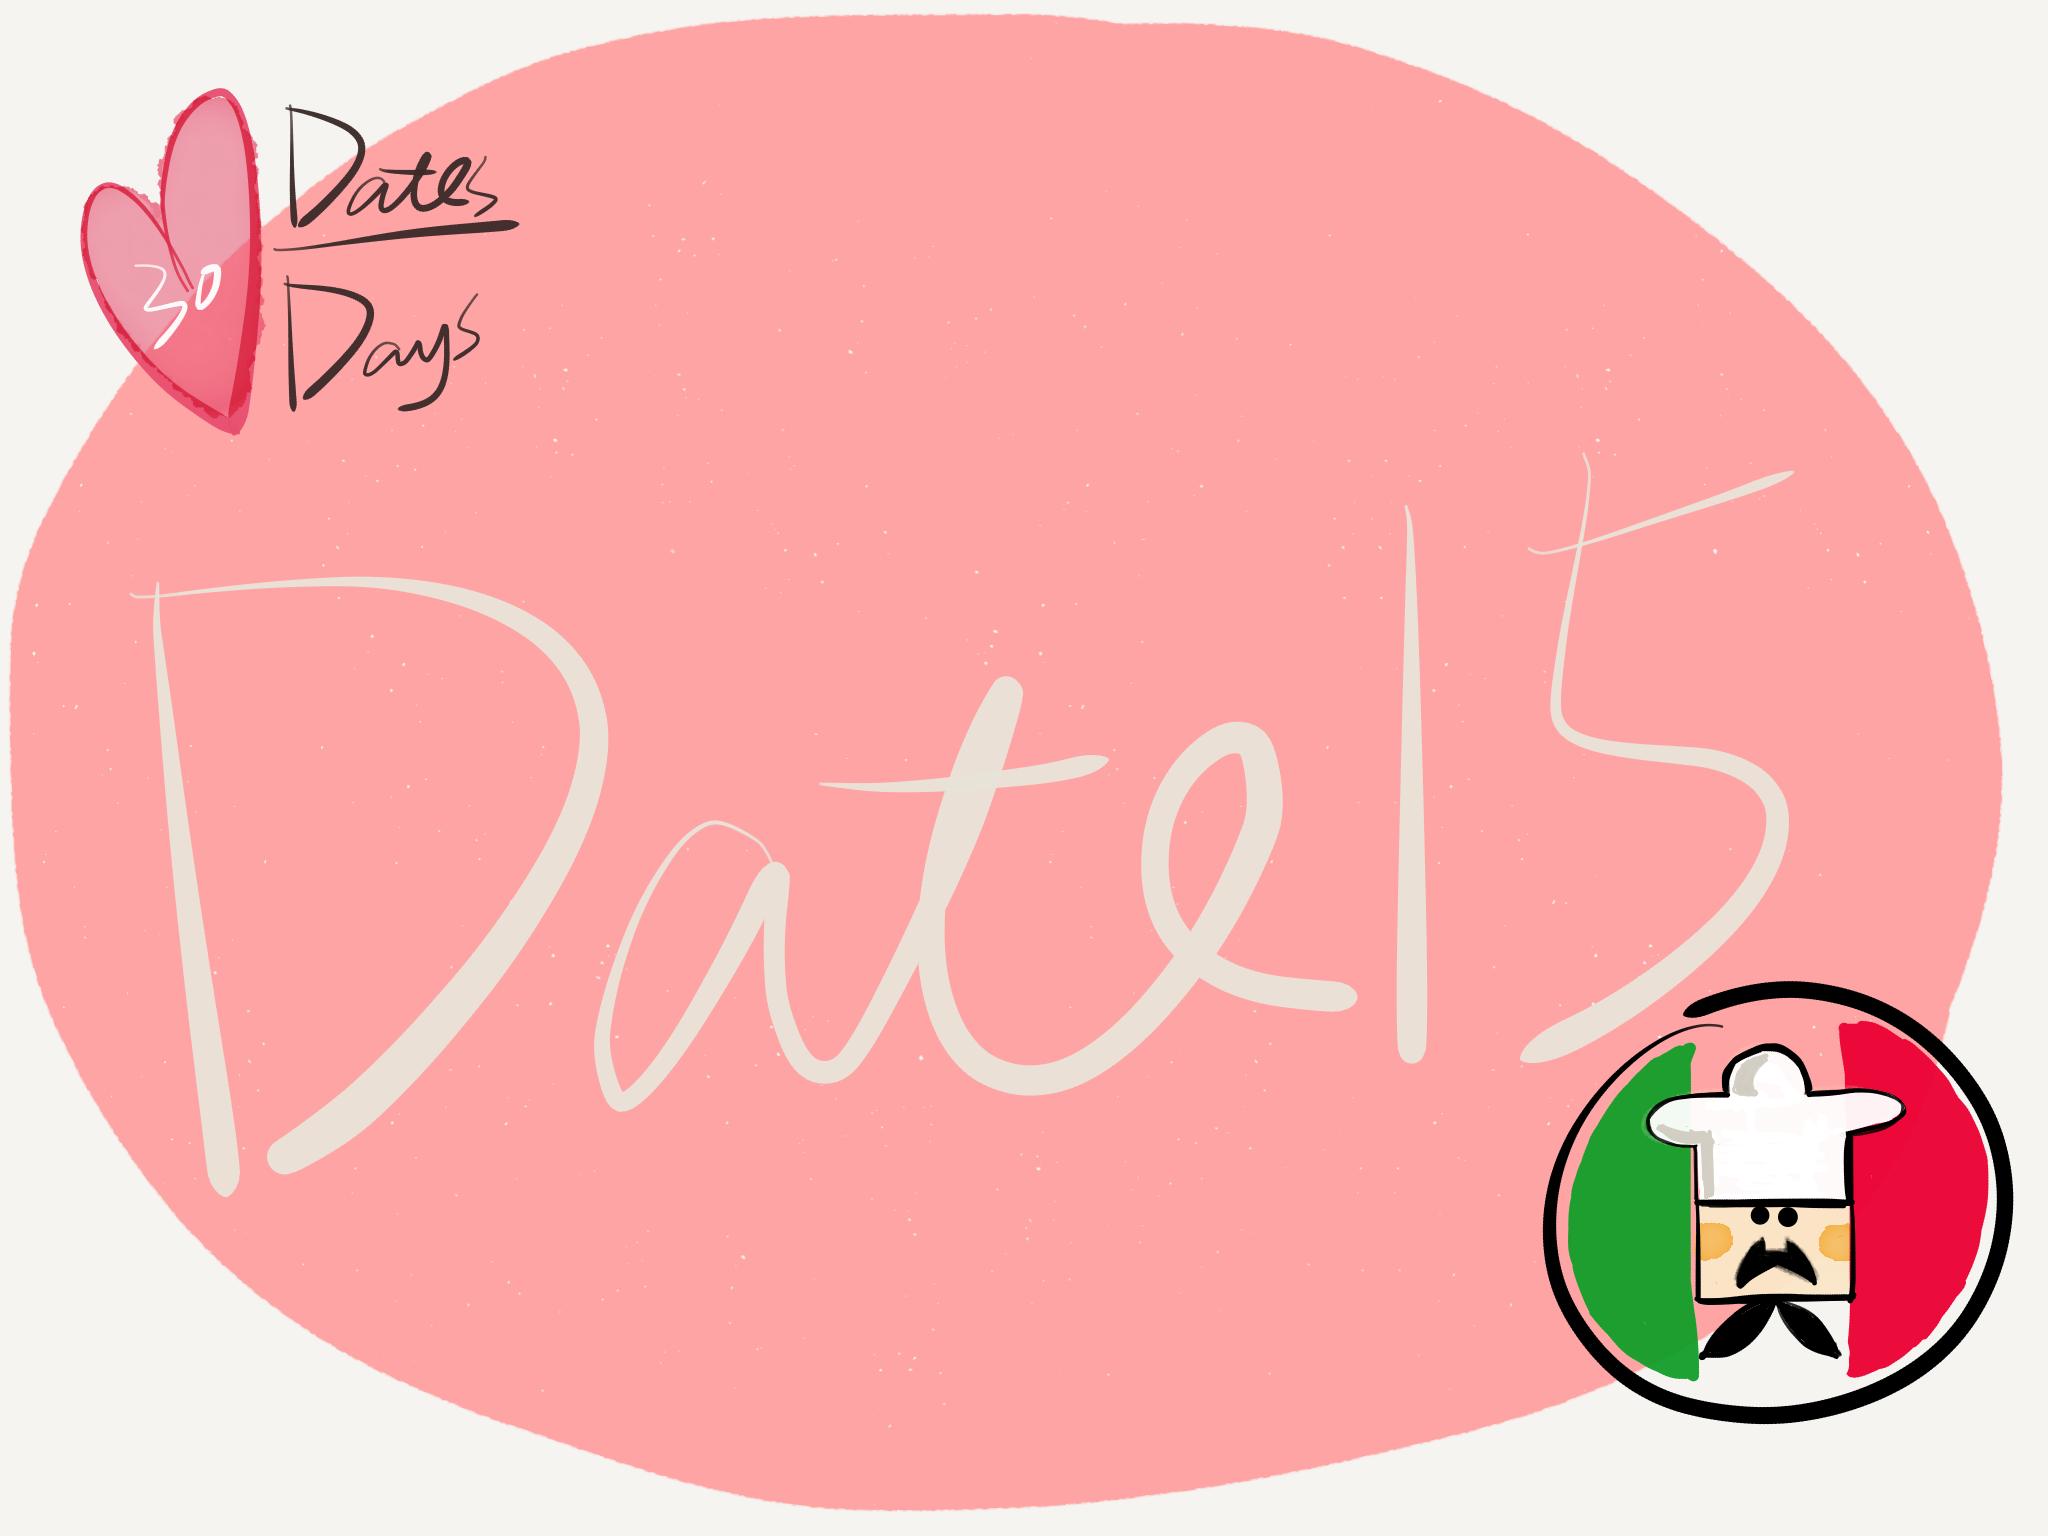 30 Dates - 17